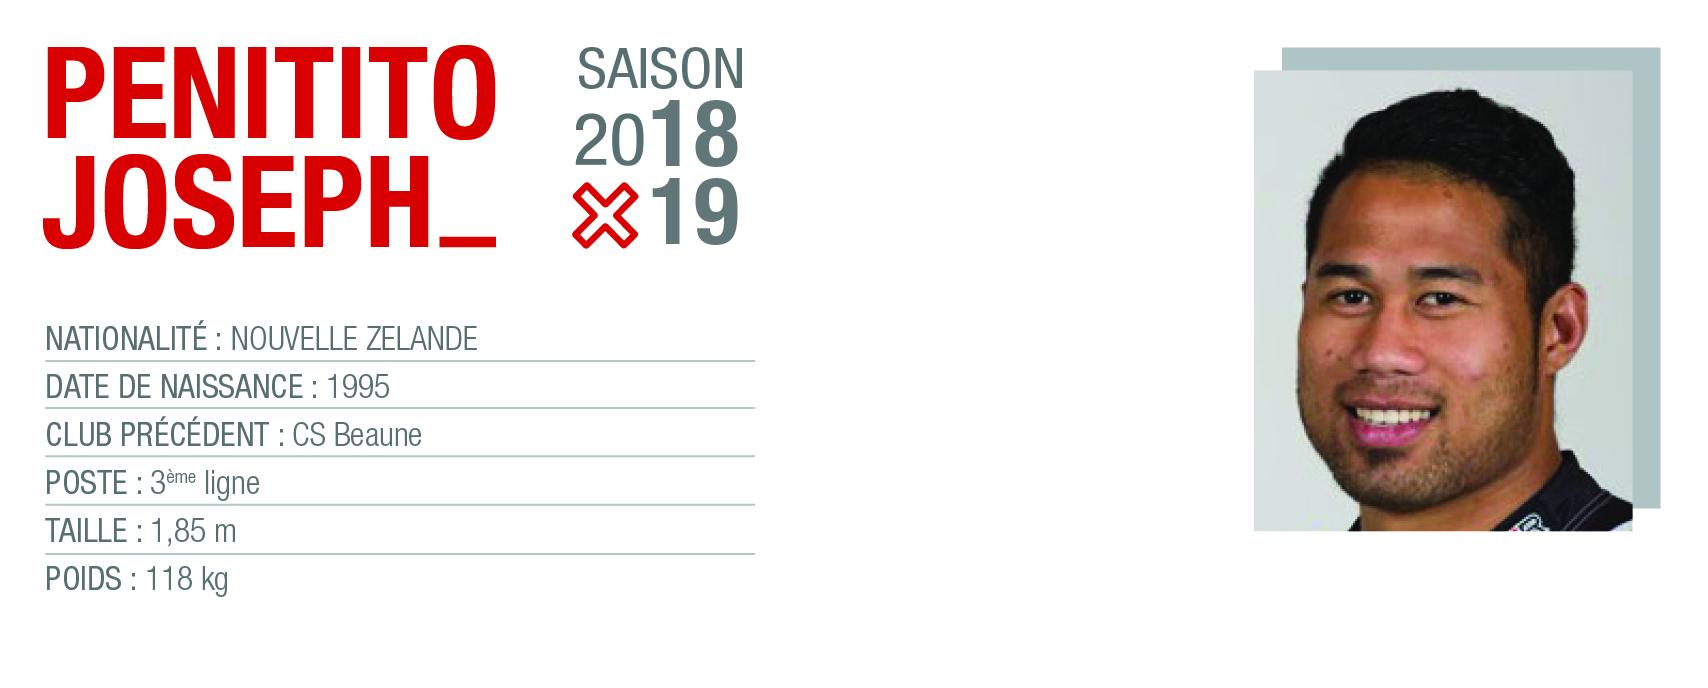 SAISON 2018 - 2019 - Page 2 5b2392f2c8879b258a11967b